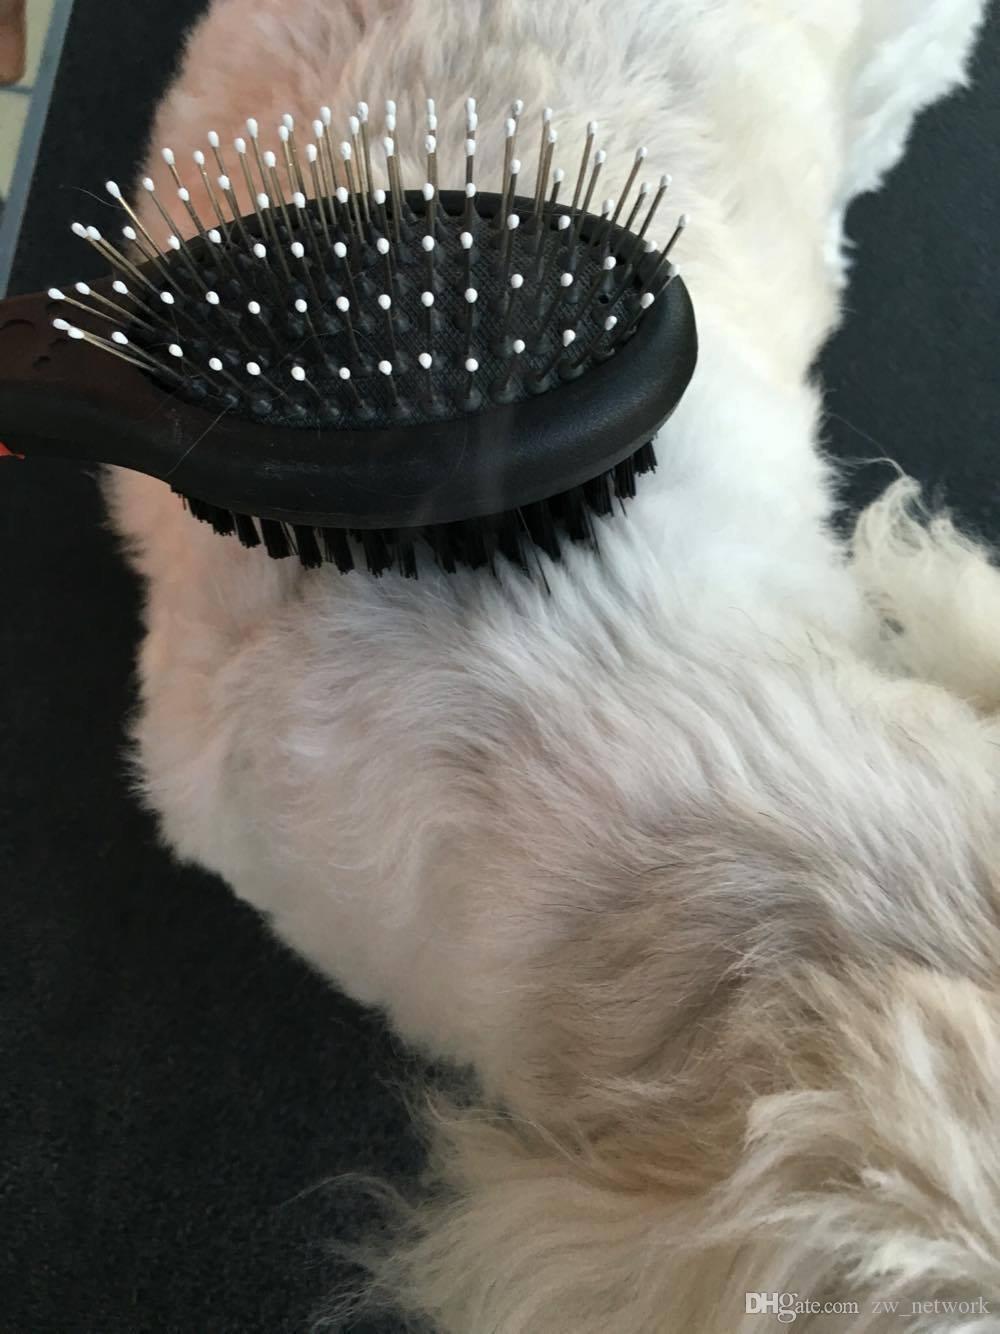 2017 NEUE Hundesalon Pinsel Doppelseite Saubere Massage Hund Pflege Pinsel Bad Produkte für Hunde Katzen